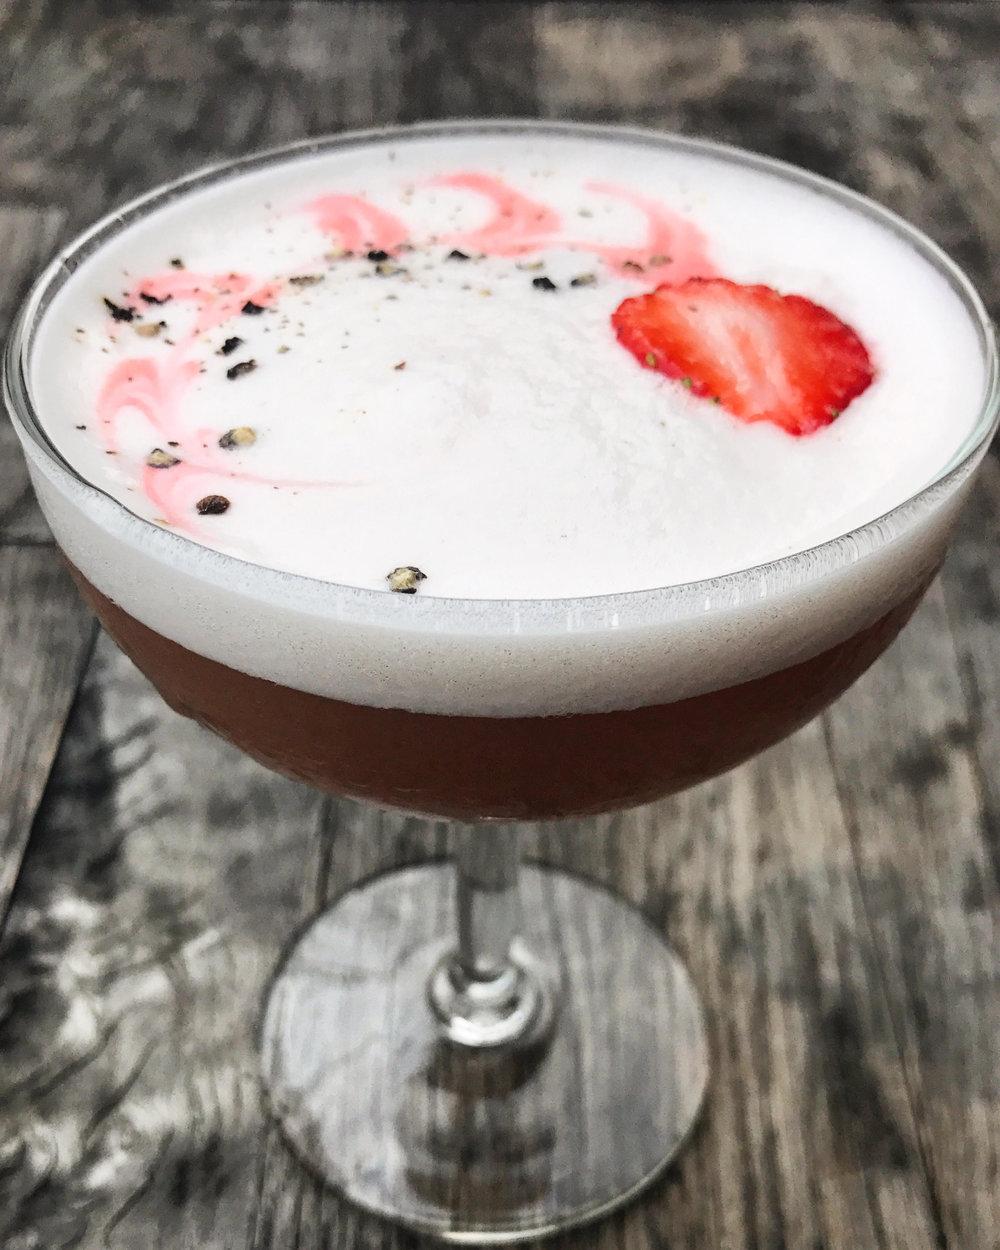 Strawberry N' Pepa1.jpg